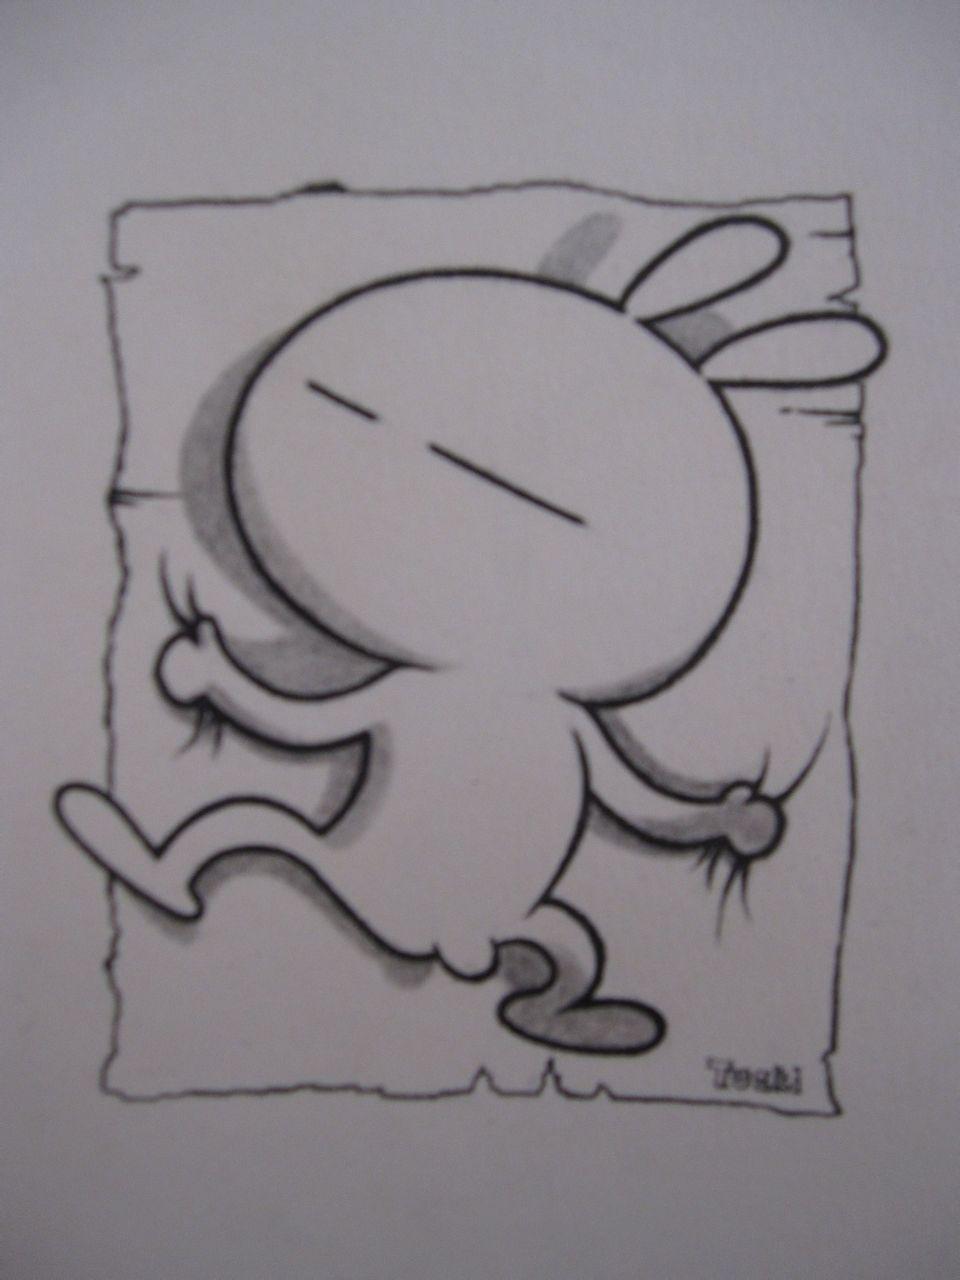 儿童画画 铅笔画 我们一起睡大觉儿童画画